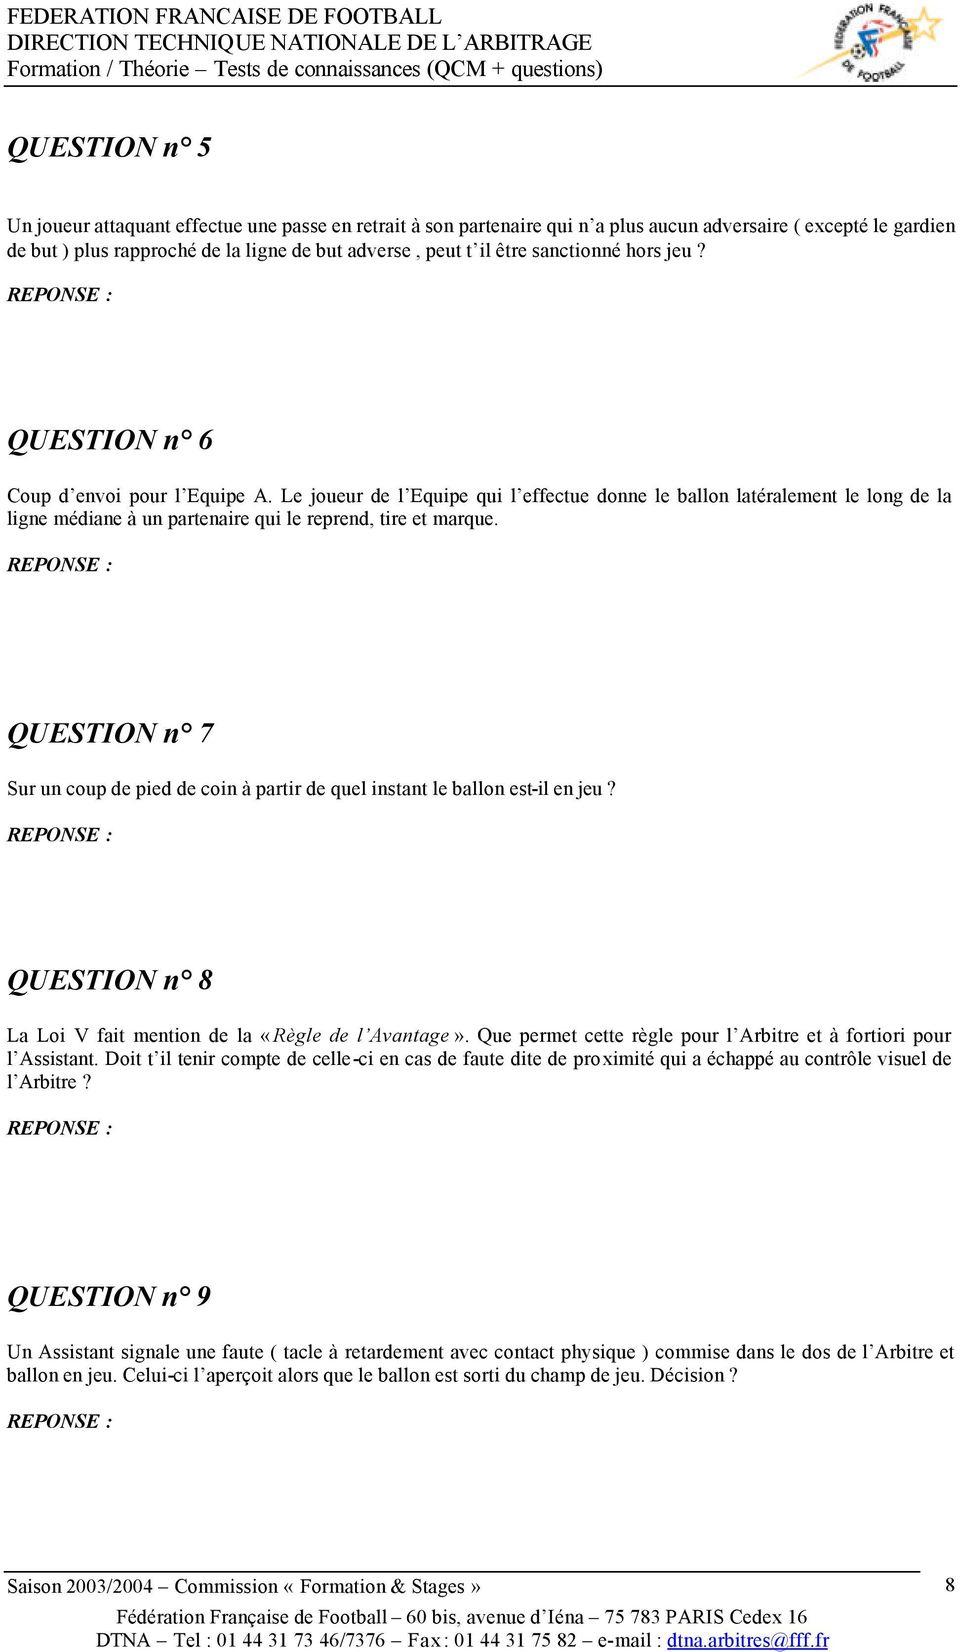 20 Questions Qcm 40 Questions Classiques - Pdf encequiconcerne Question Reponse Jeu